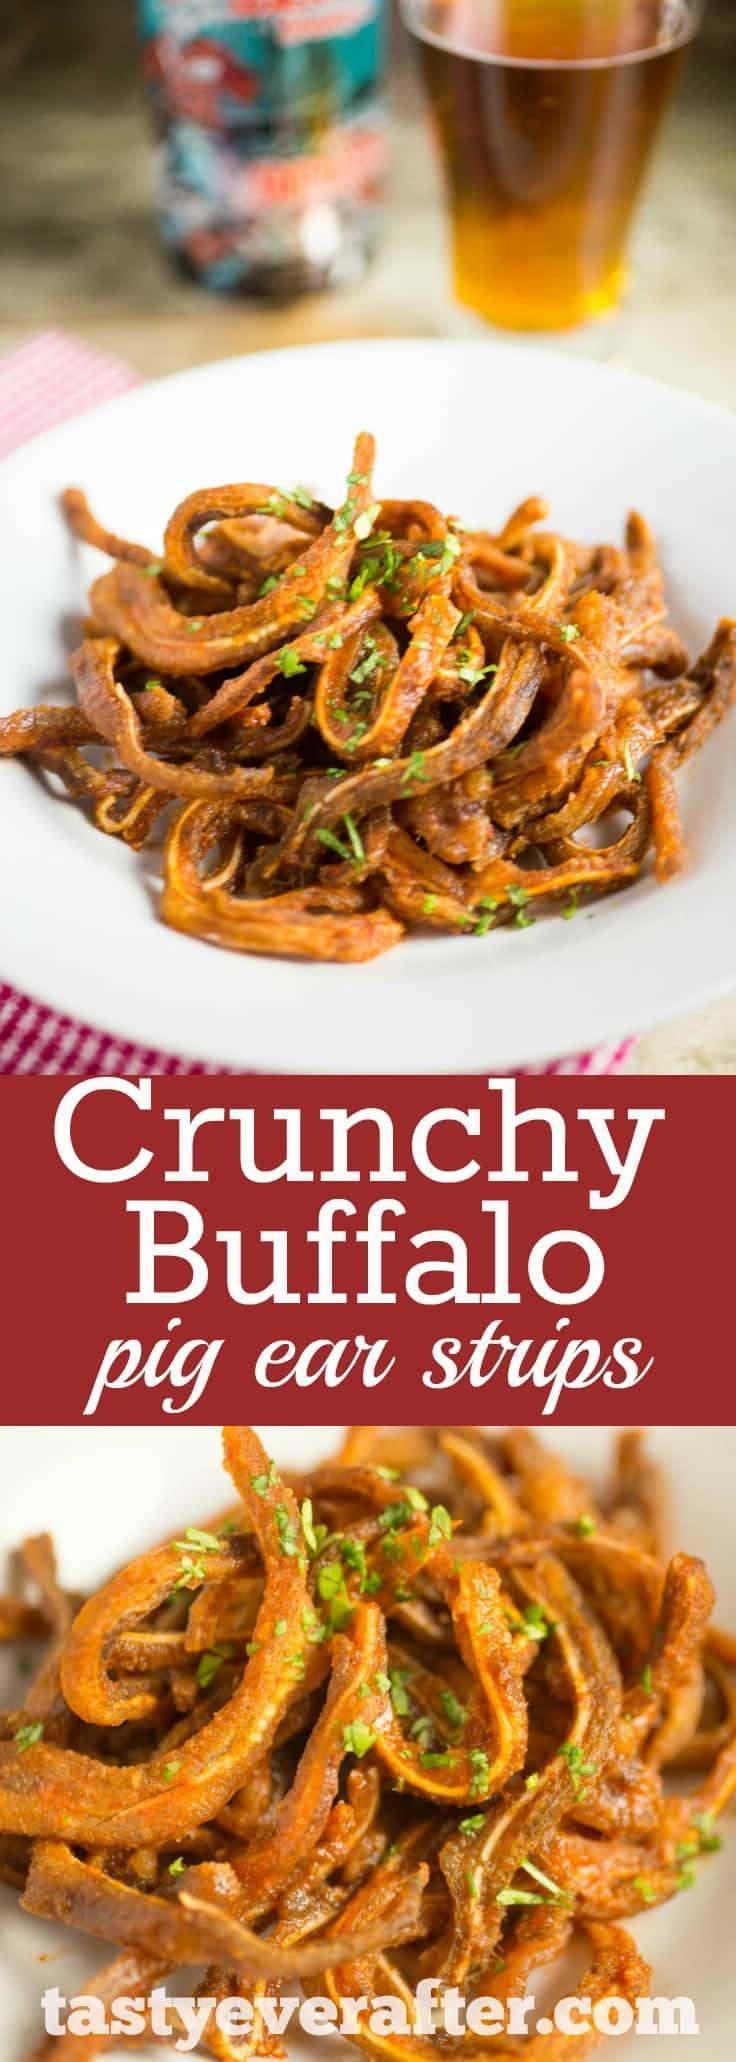 WTF?! A Crunchy Buffalo Pig Ear Strips Recipe